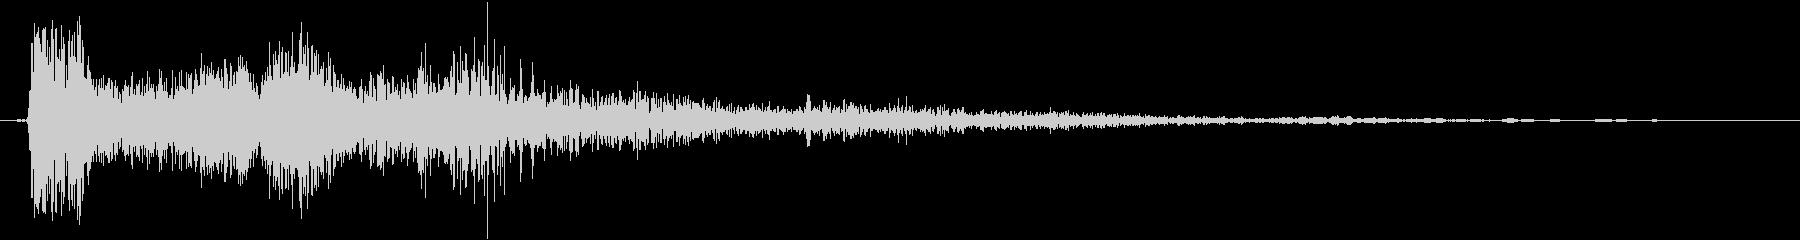 ショットガンの発砲音の未再生の波形